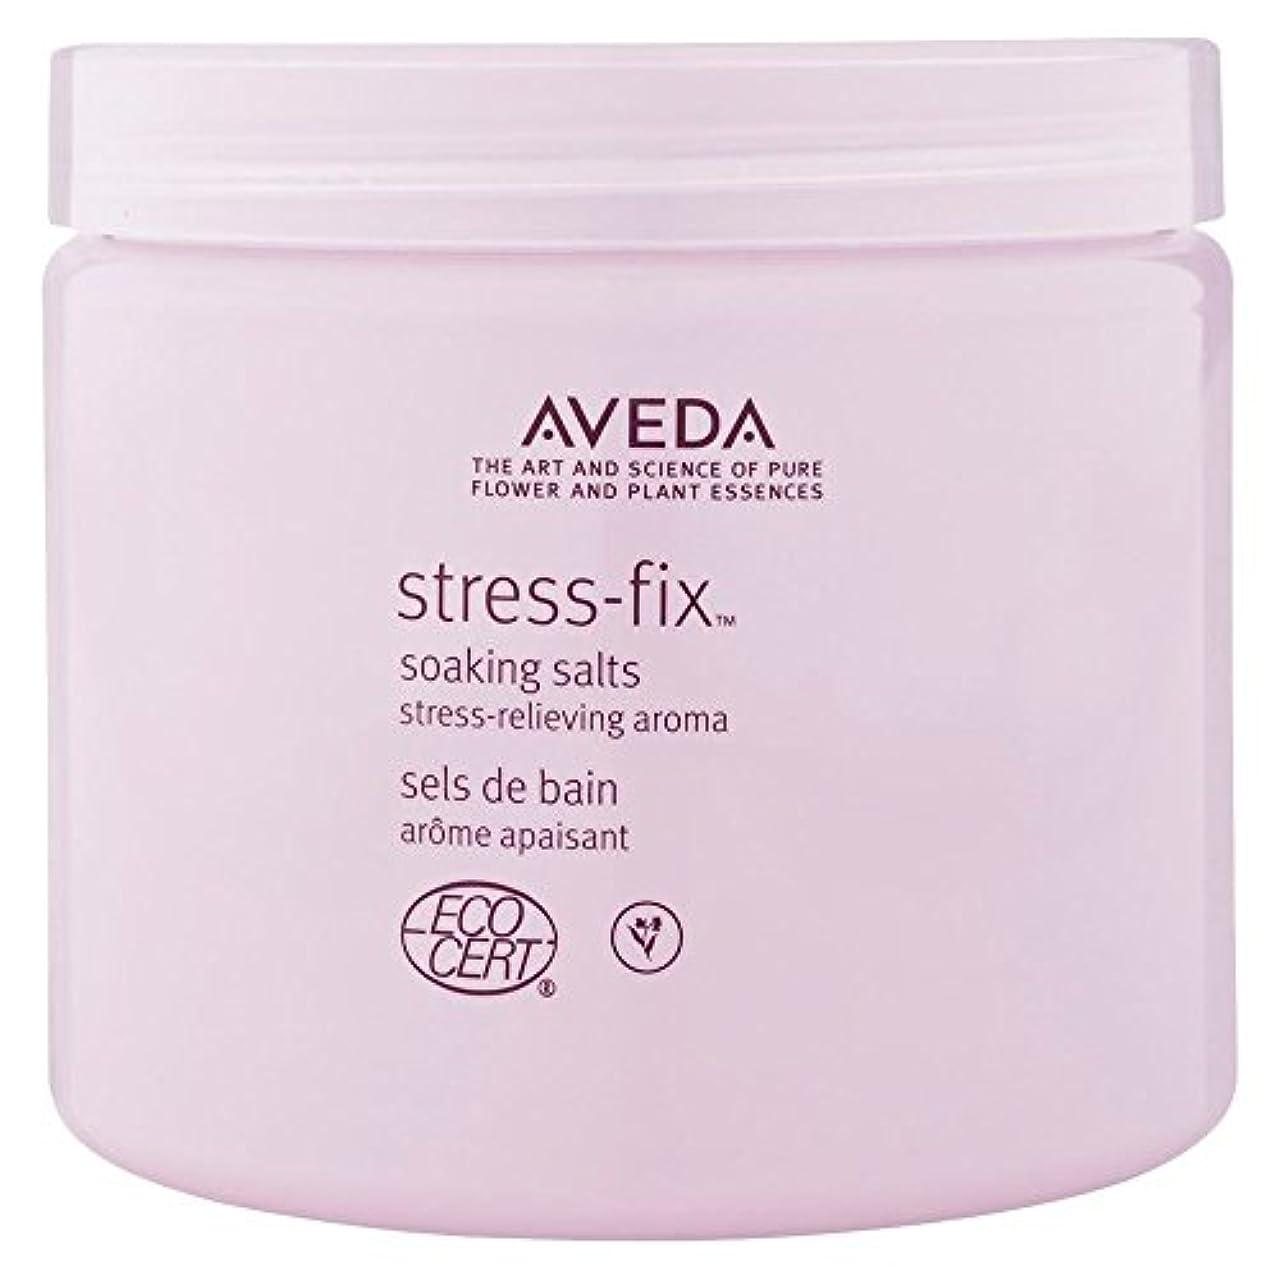 しょっぱいタイプライターシュガー[AVEDA] アヴェダストレスフィックス均熱塩454グラム - Aveda Stress-Fix Soaking Salts 454g [並行輸入品]